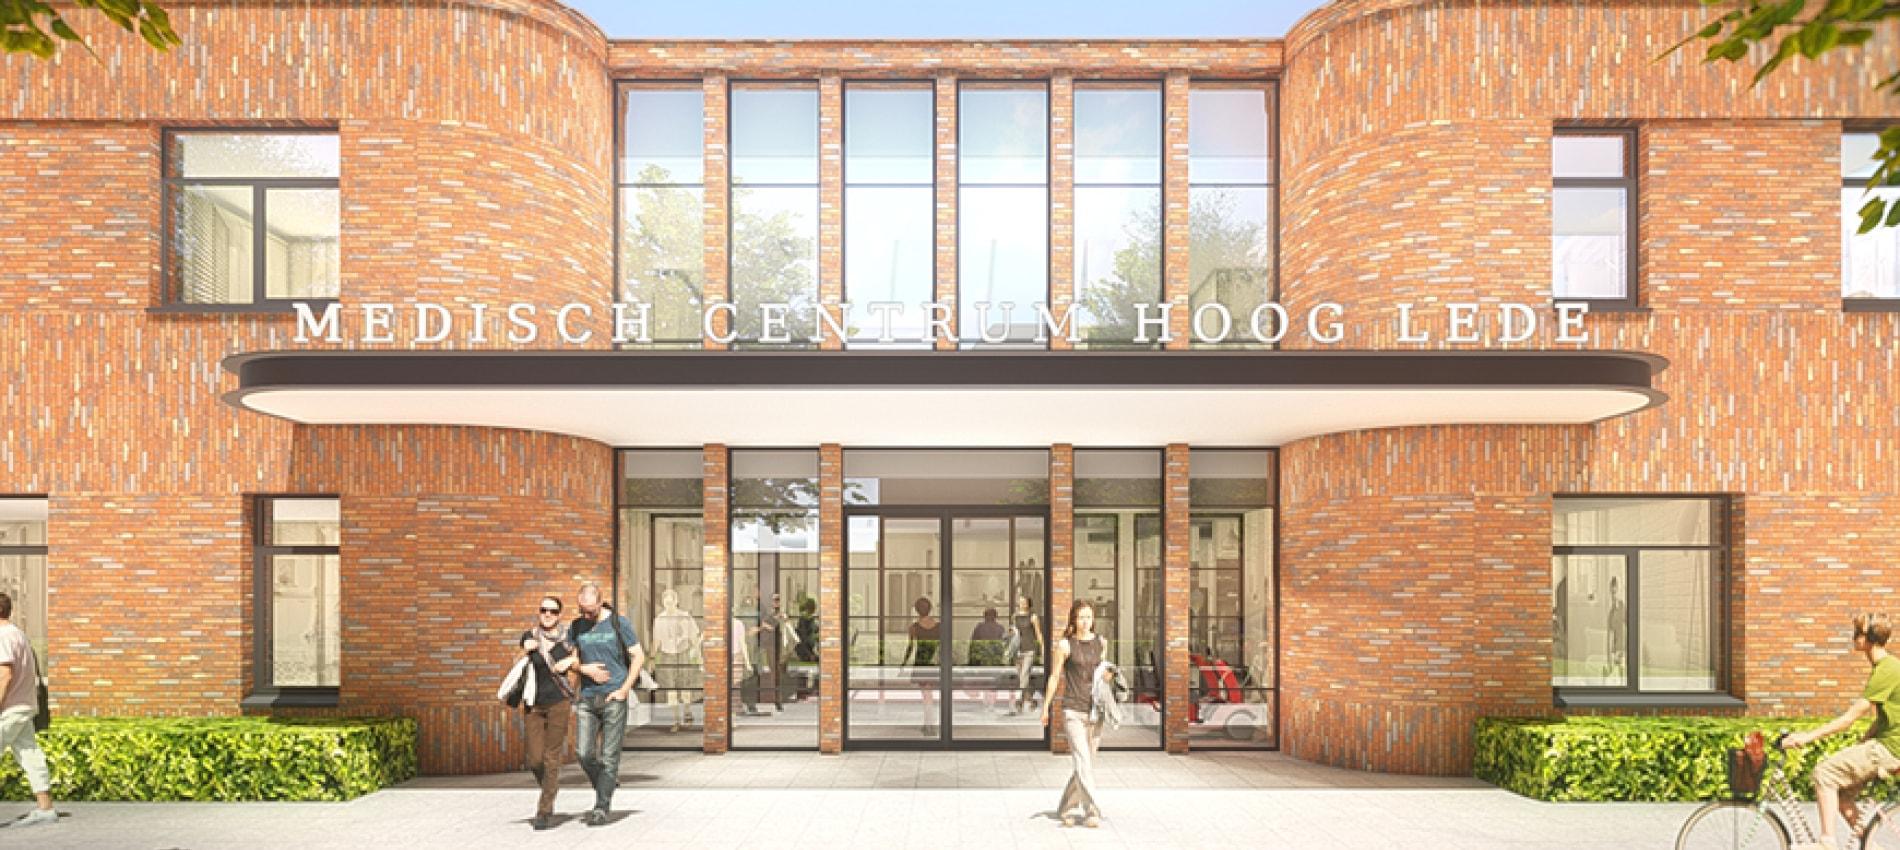 Vlaardingen Medisch Centrum Hooglede Van Egmond, Architecten